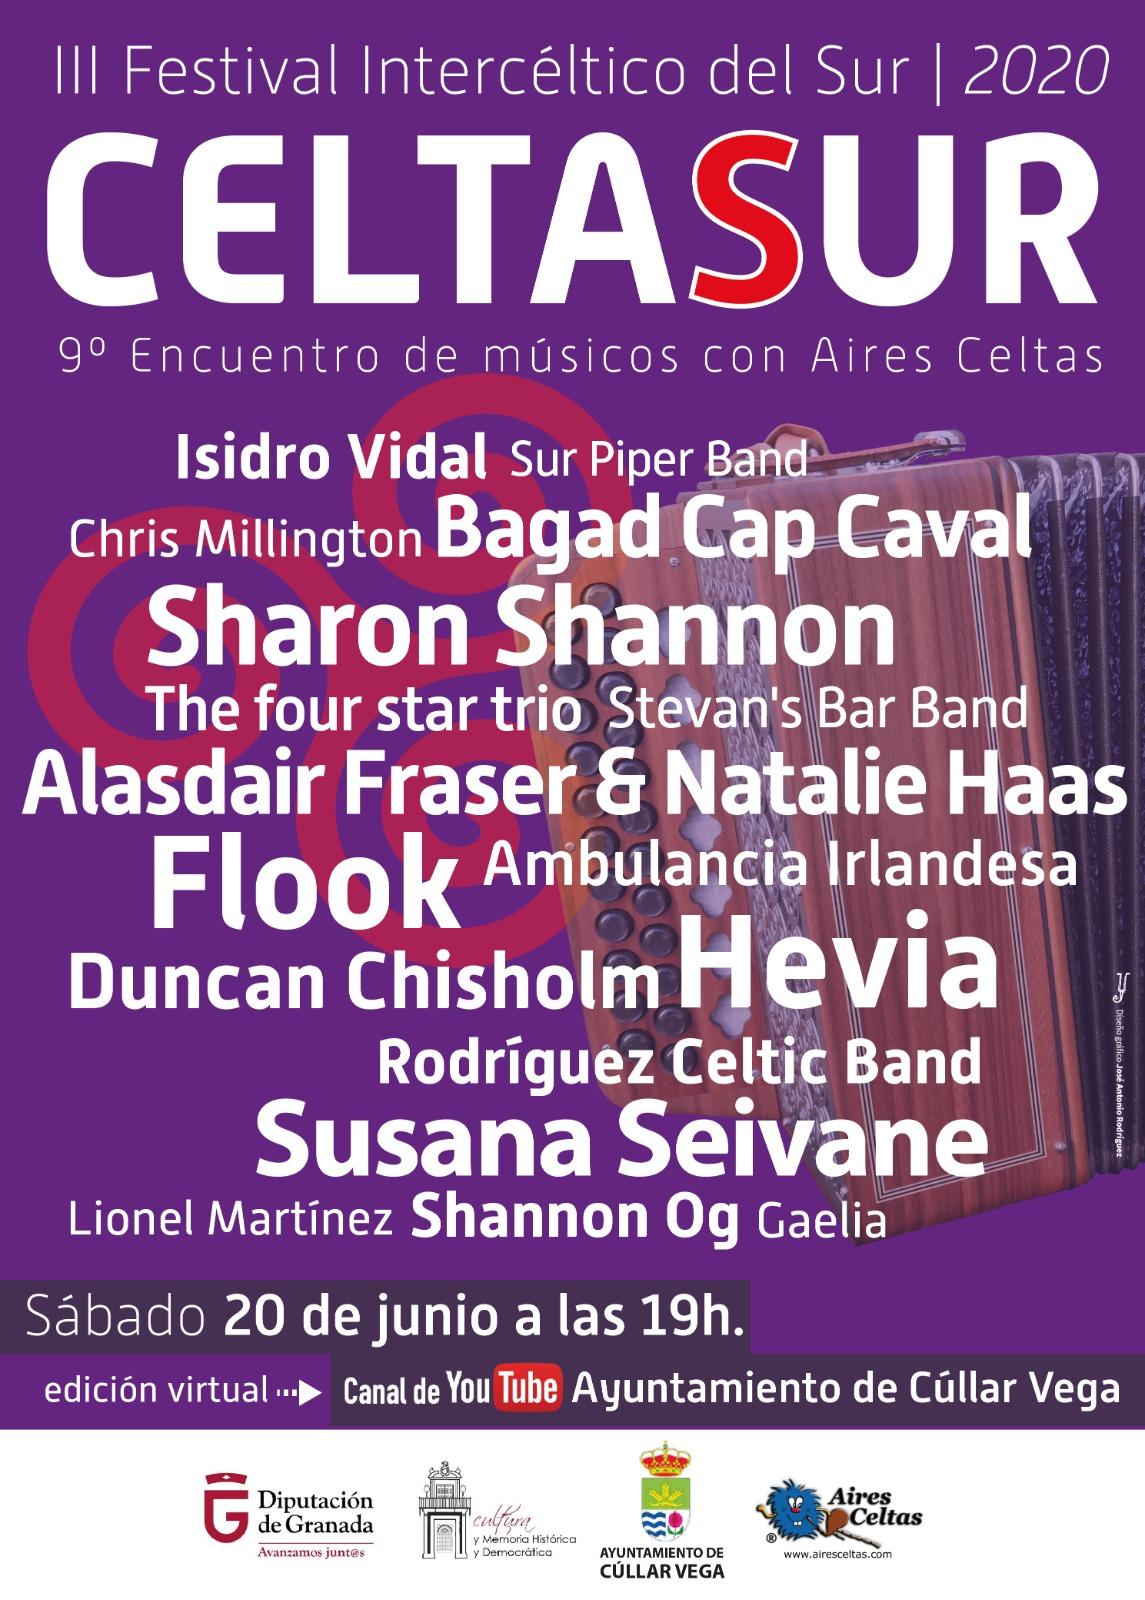 Cúllar Vega celebra mañana 'on line' su III Festival Intercéltico del Sur Celtasur